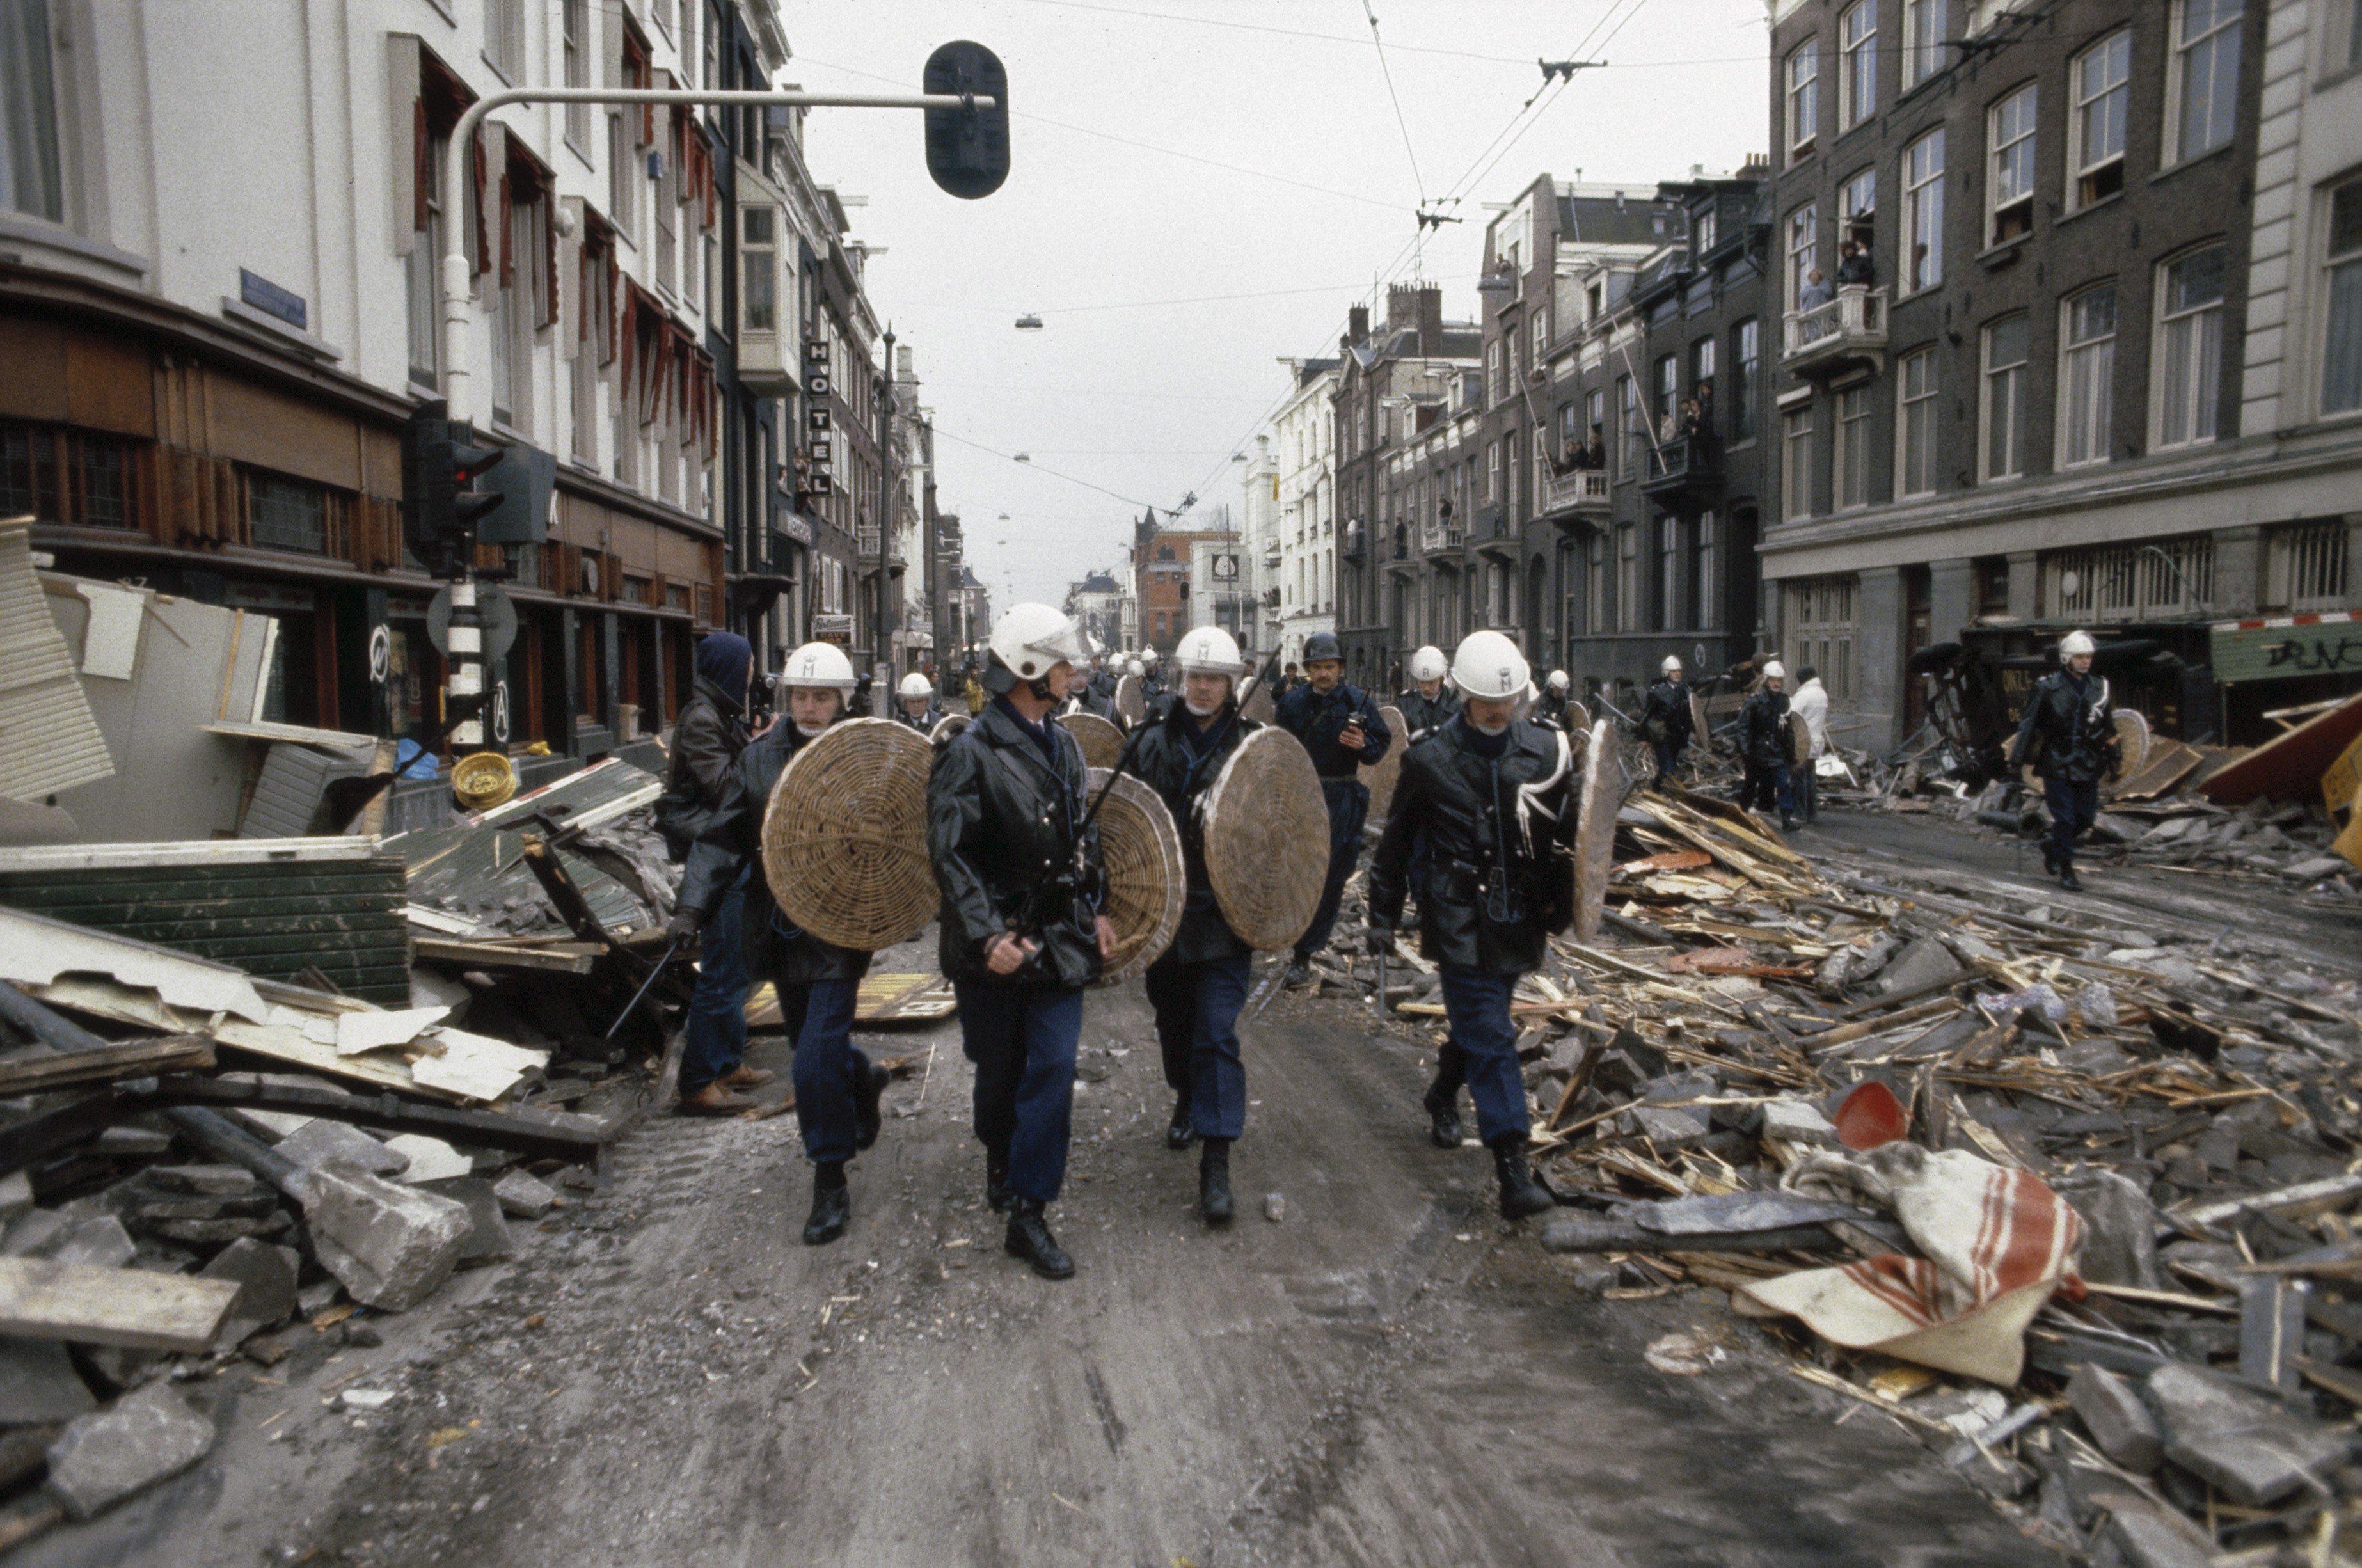 Mobiele_Eenheid_%2C_tanks_en_pantservoertuigen_ruimen_barricades_rond_kraakpand_in%2C_Bestanddeelnr_253-8156.jpg